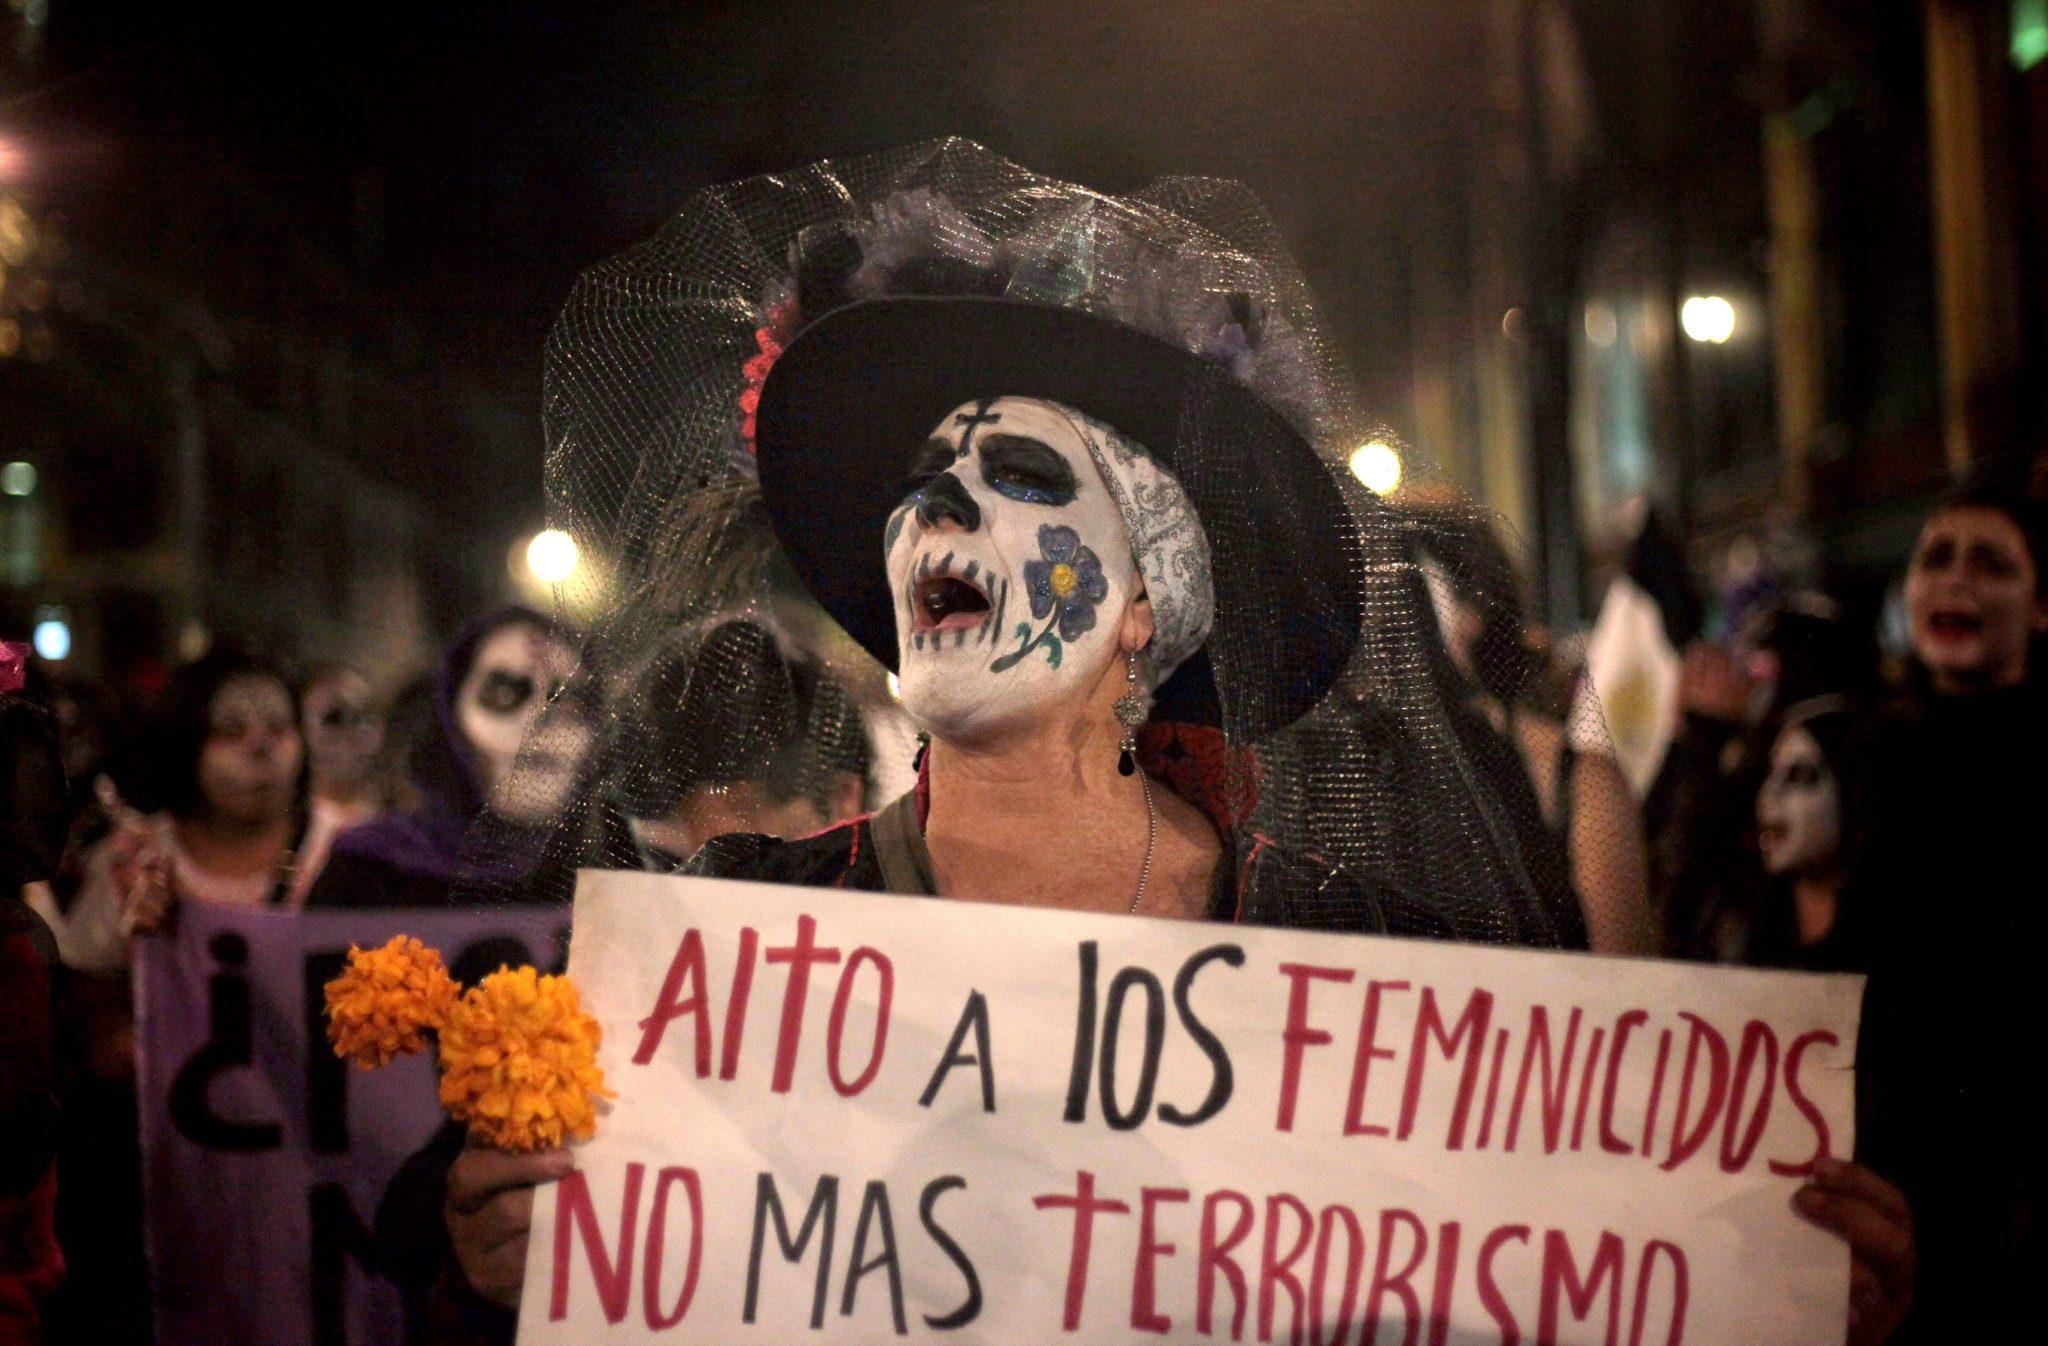 Meksyk: protest przeciwko przemocy i terroryzmowi w dzień zaduszny (foto. PAP/EPA/SASHENKA GUTIERREZ)